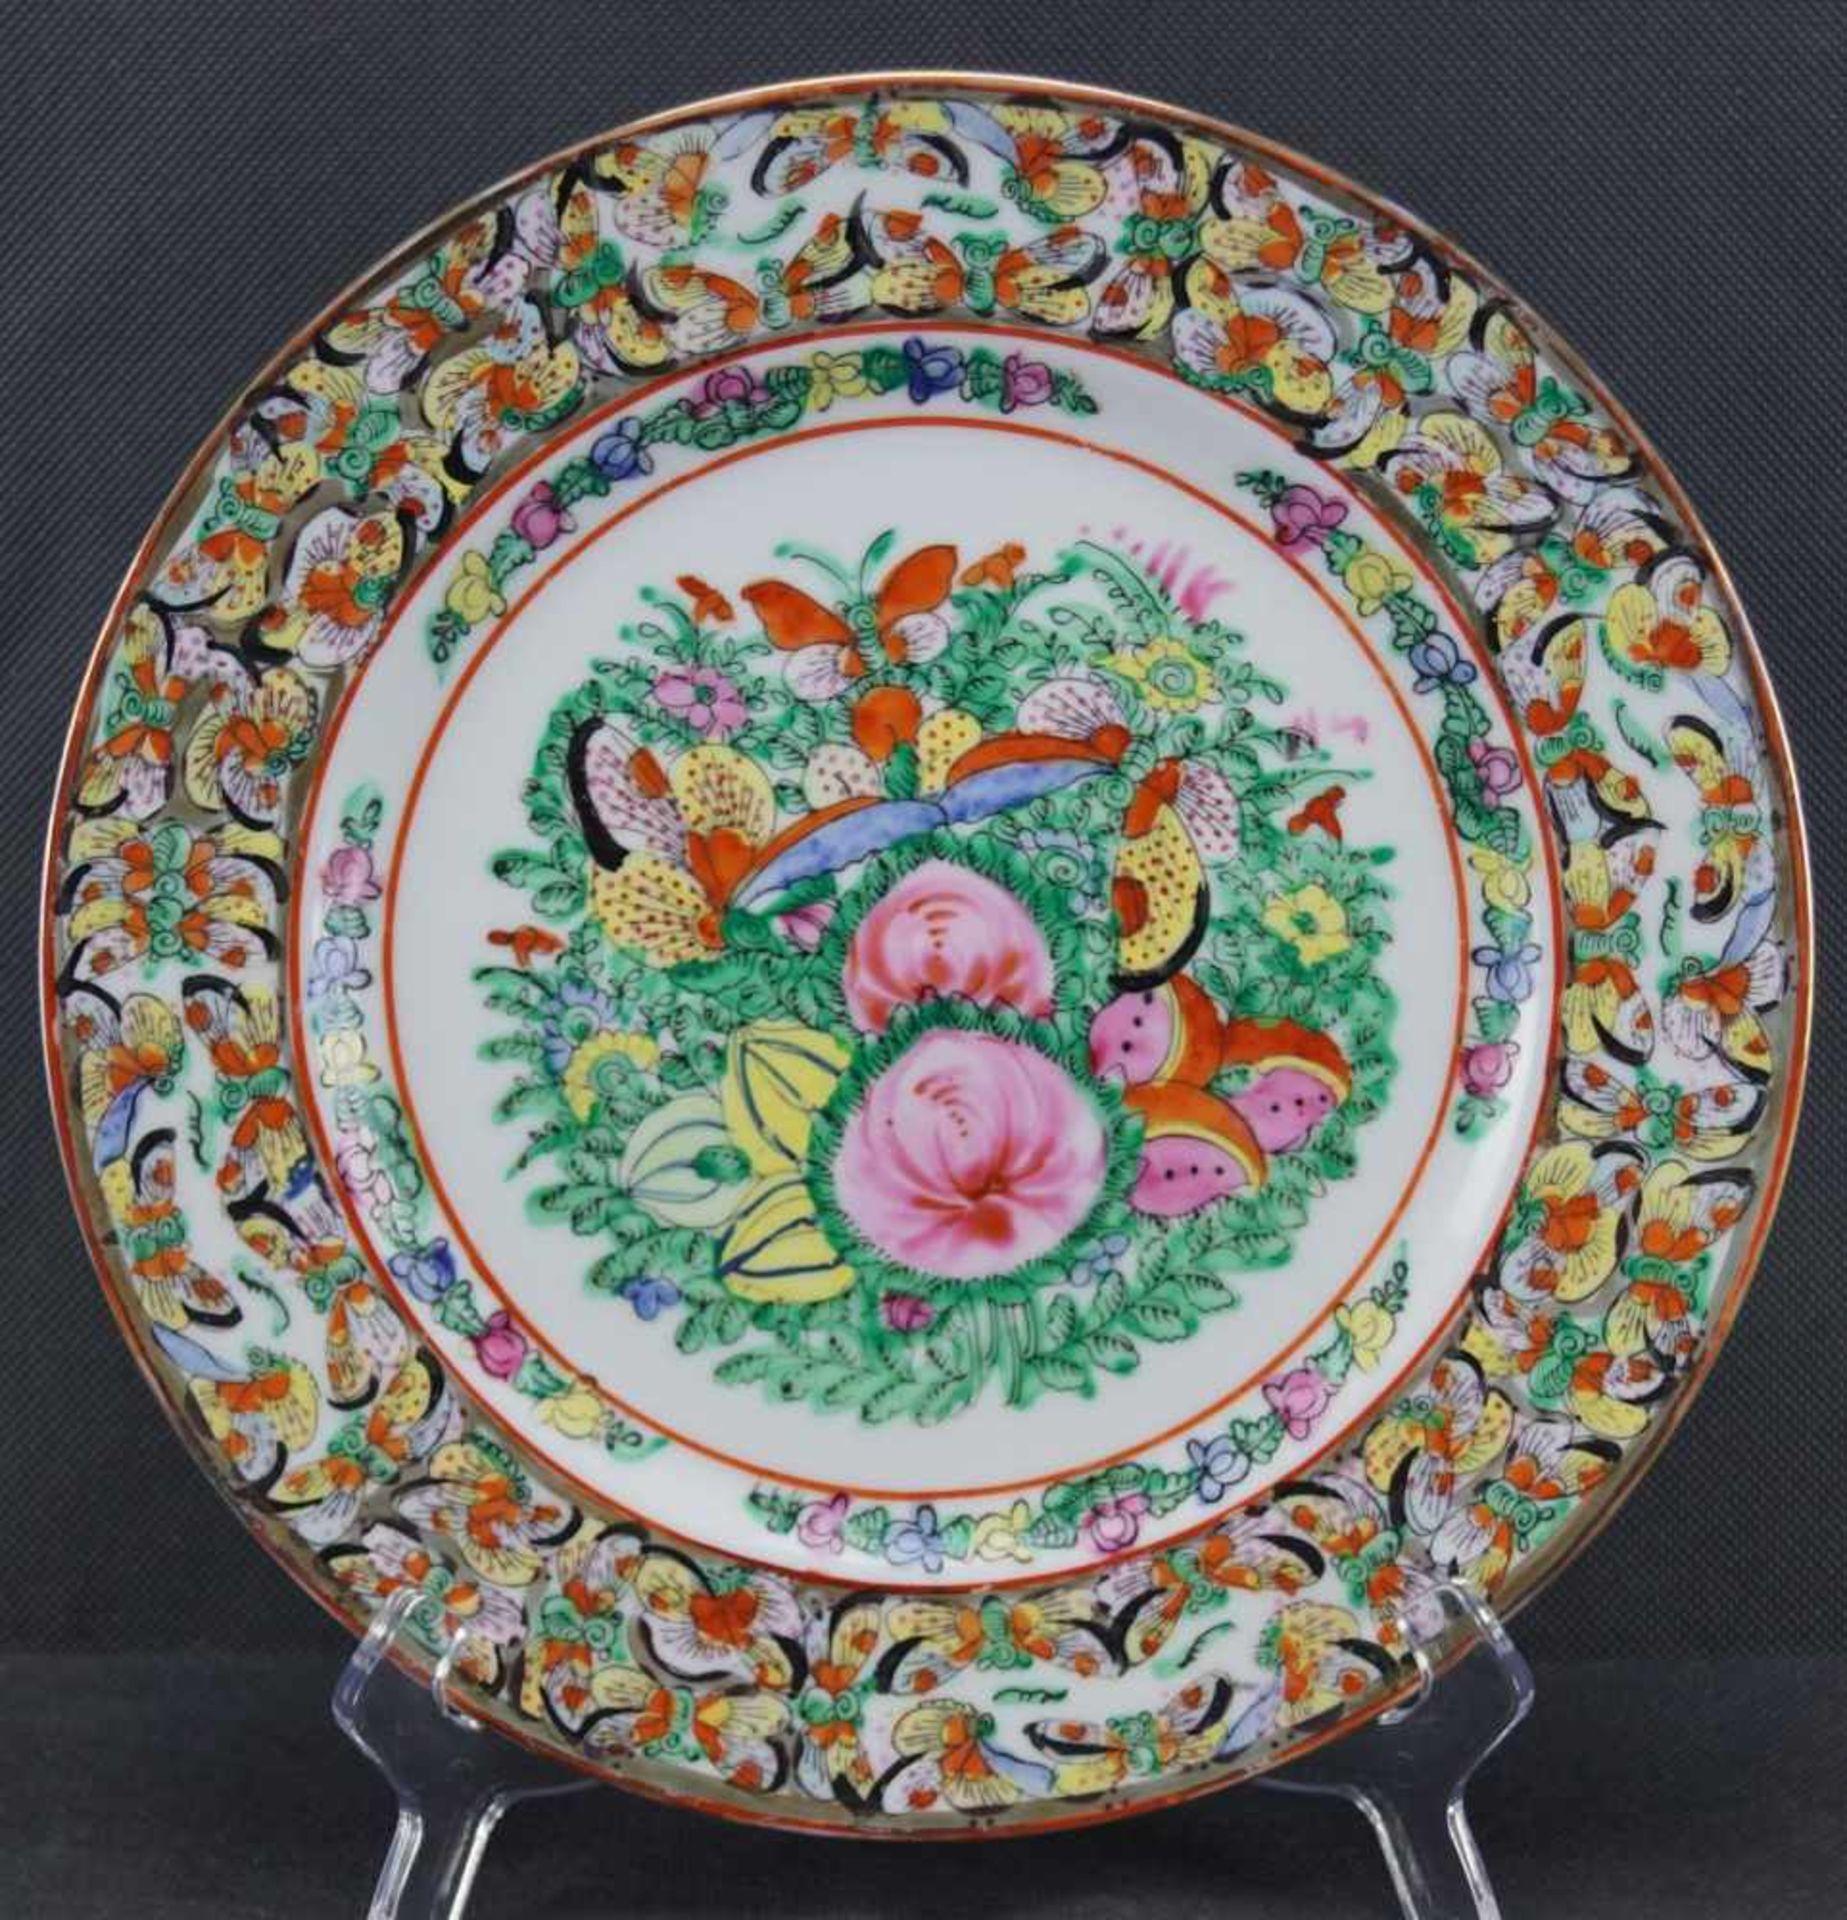 Teller, China Porzellan, Schmetterlinge, Obst und Blumen in Emailmalerei, Durchmesser 26 cm, in